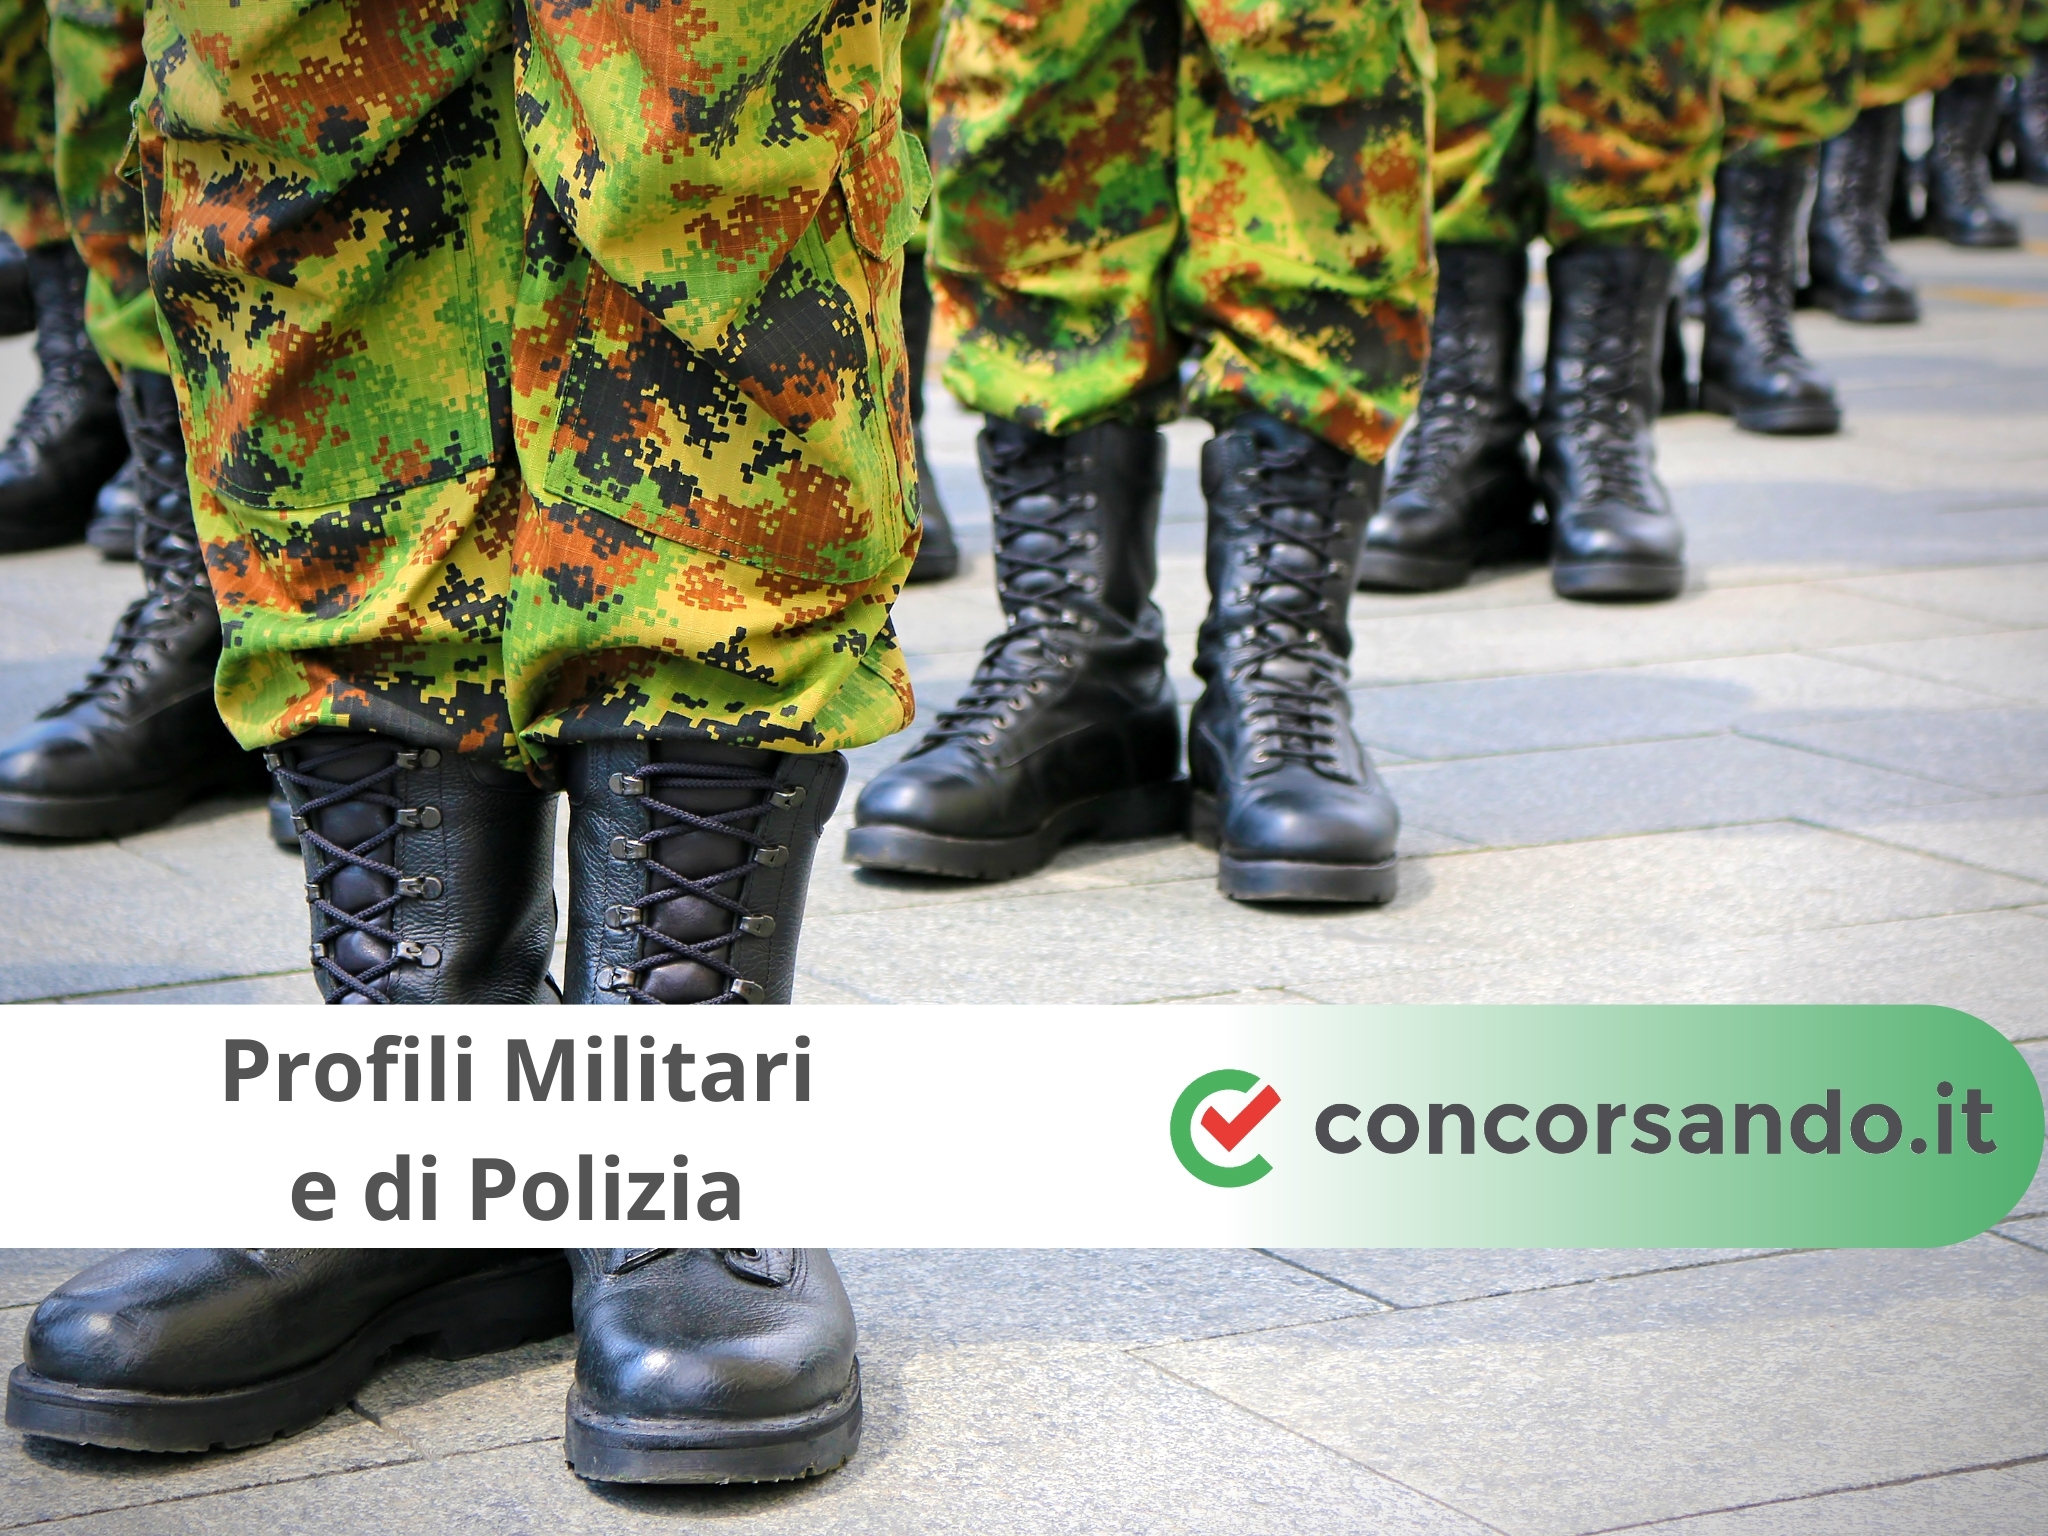 Concorsi Militari e Forze di Polizia